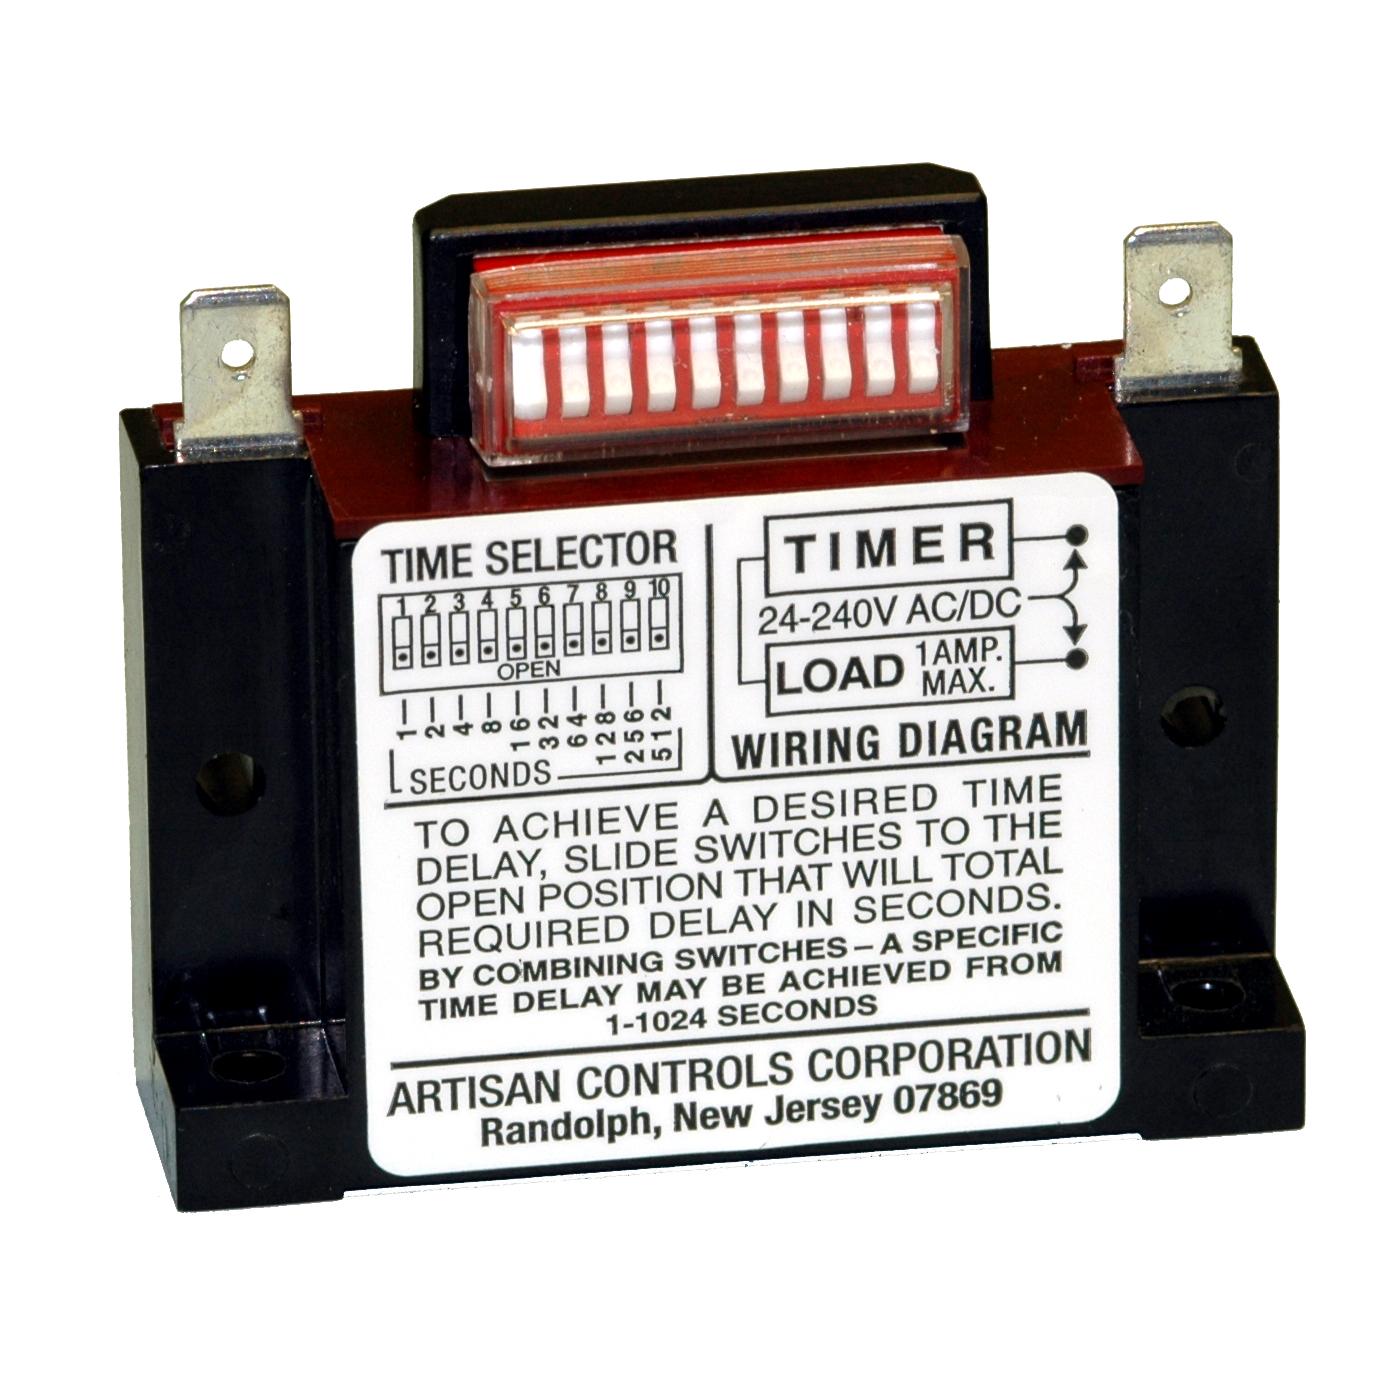 Artisan Controls Wiring Diagram